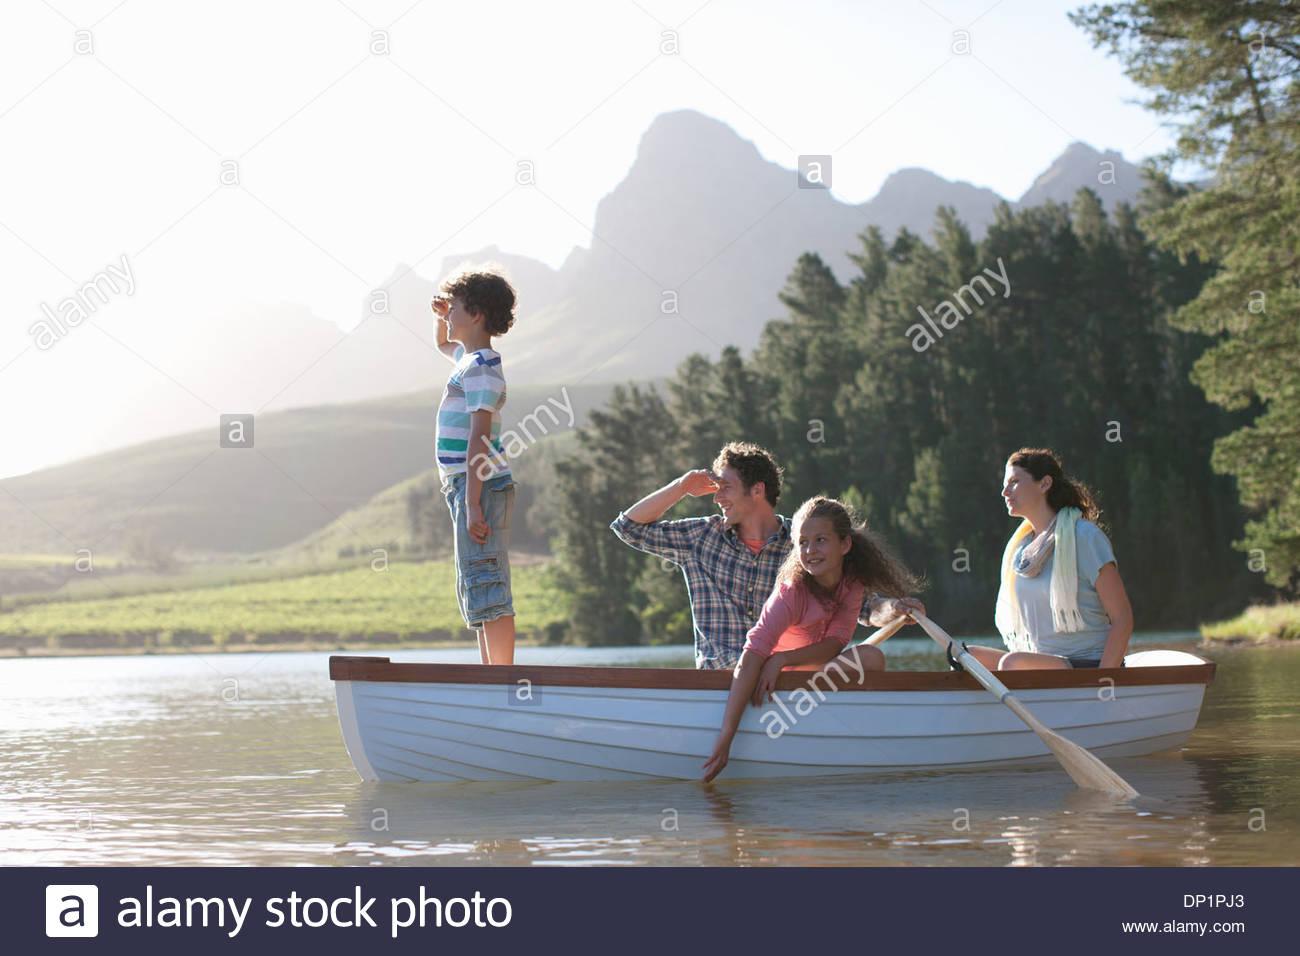 Familia en lancha en el lago Imagen De Stock